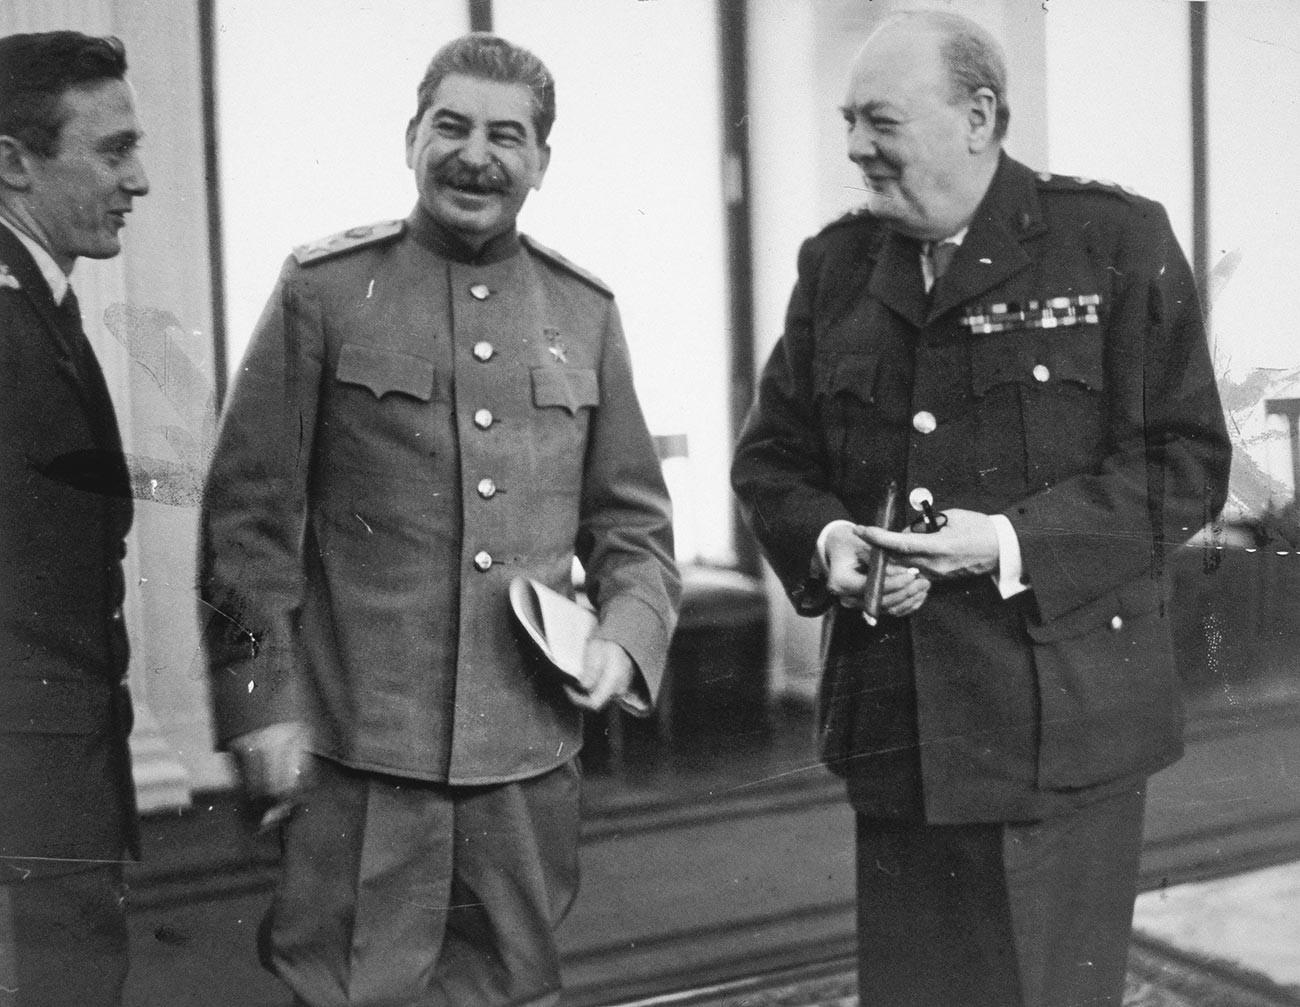 リヴァディア宮殿でヤルタ会談に臨むルーズベルト、スターリン、チャーチル